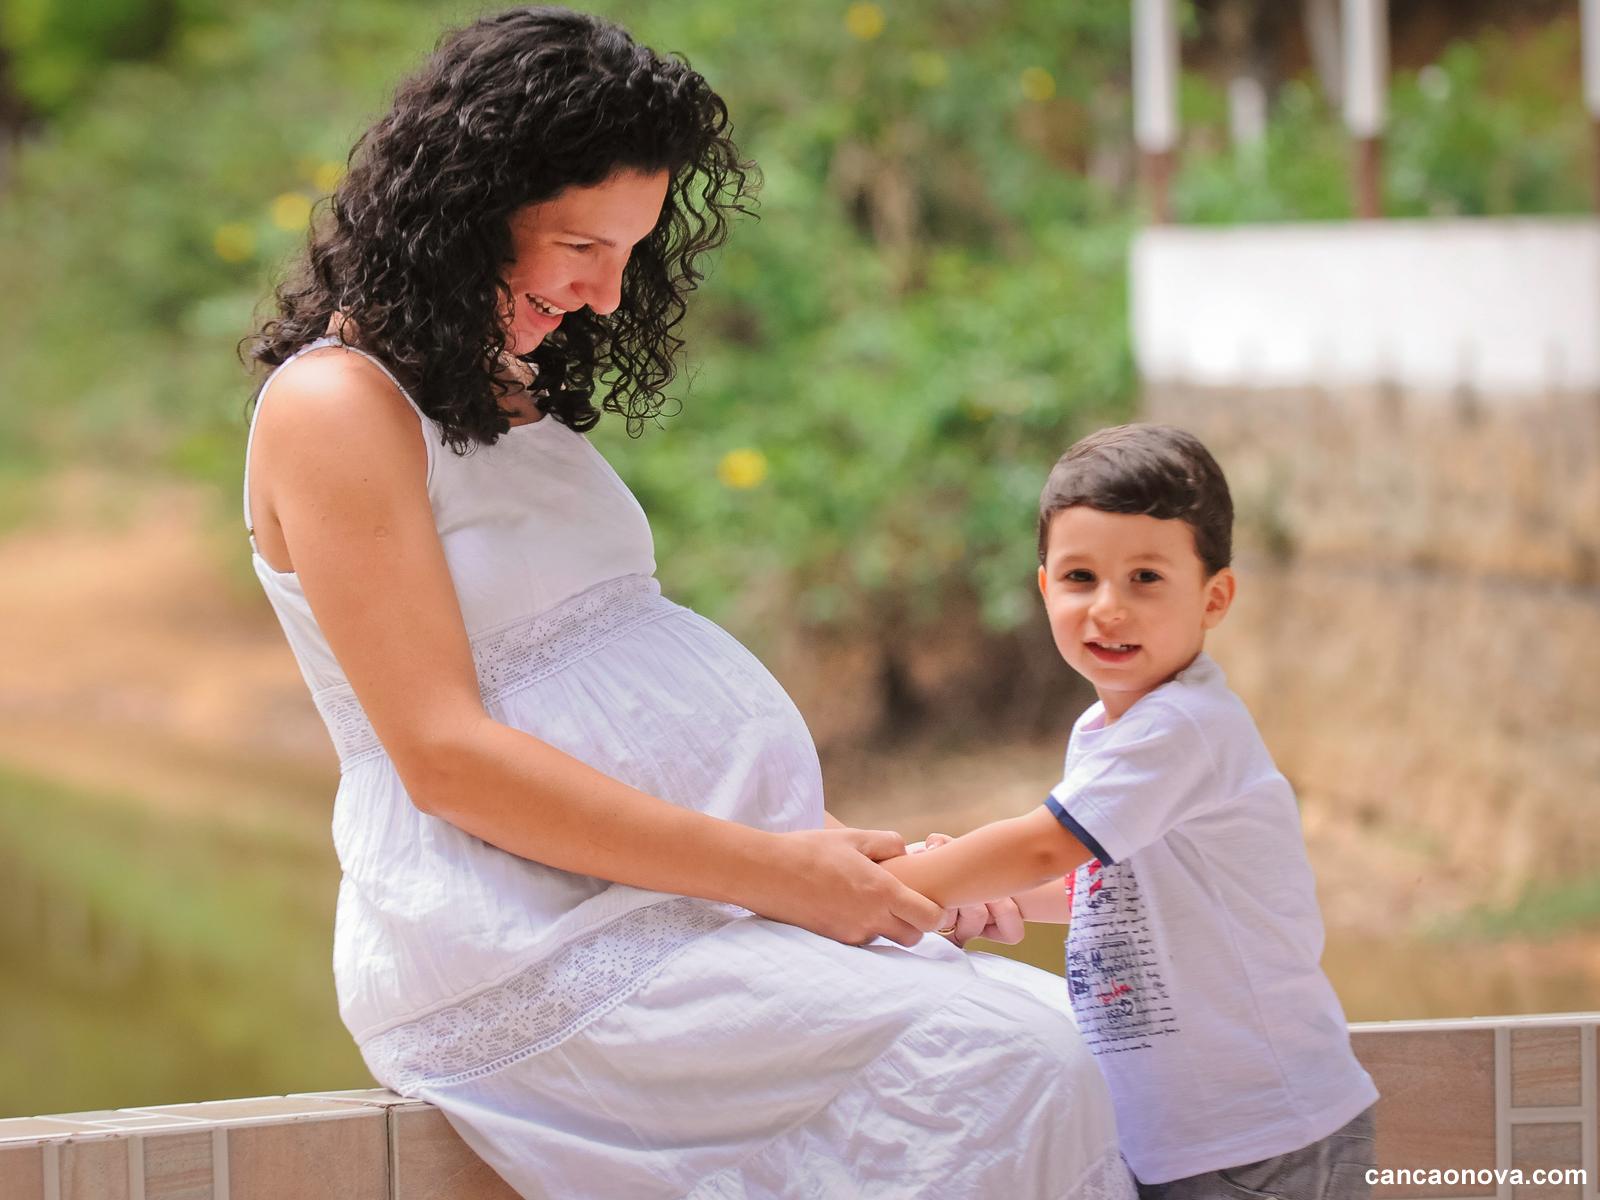 Quero ter filhos ou quero ser mãe - 1600x1200